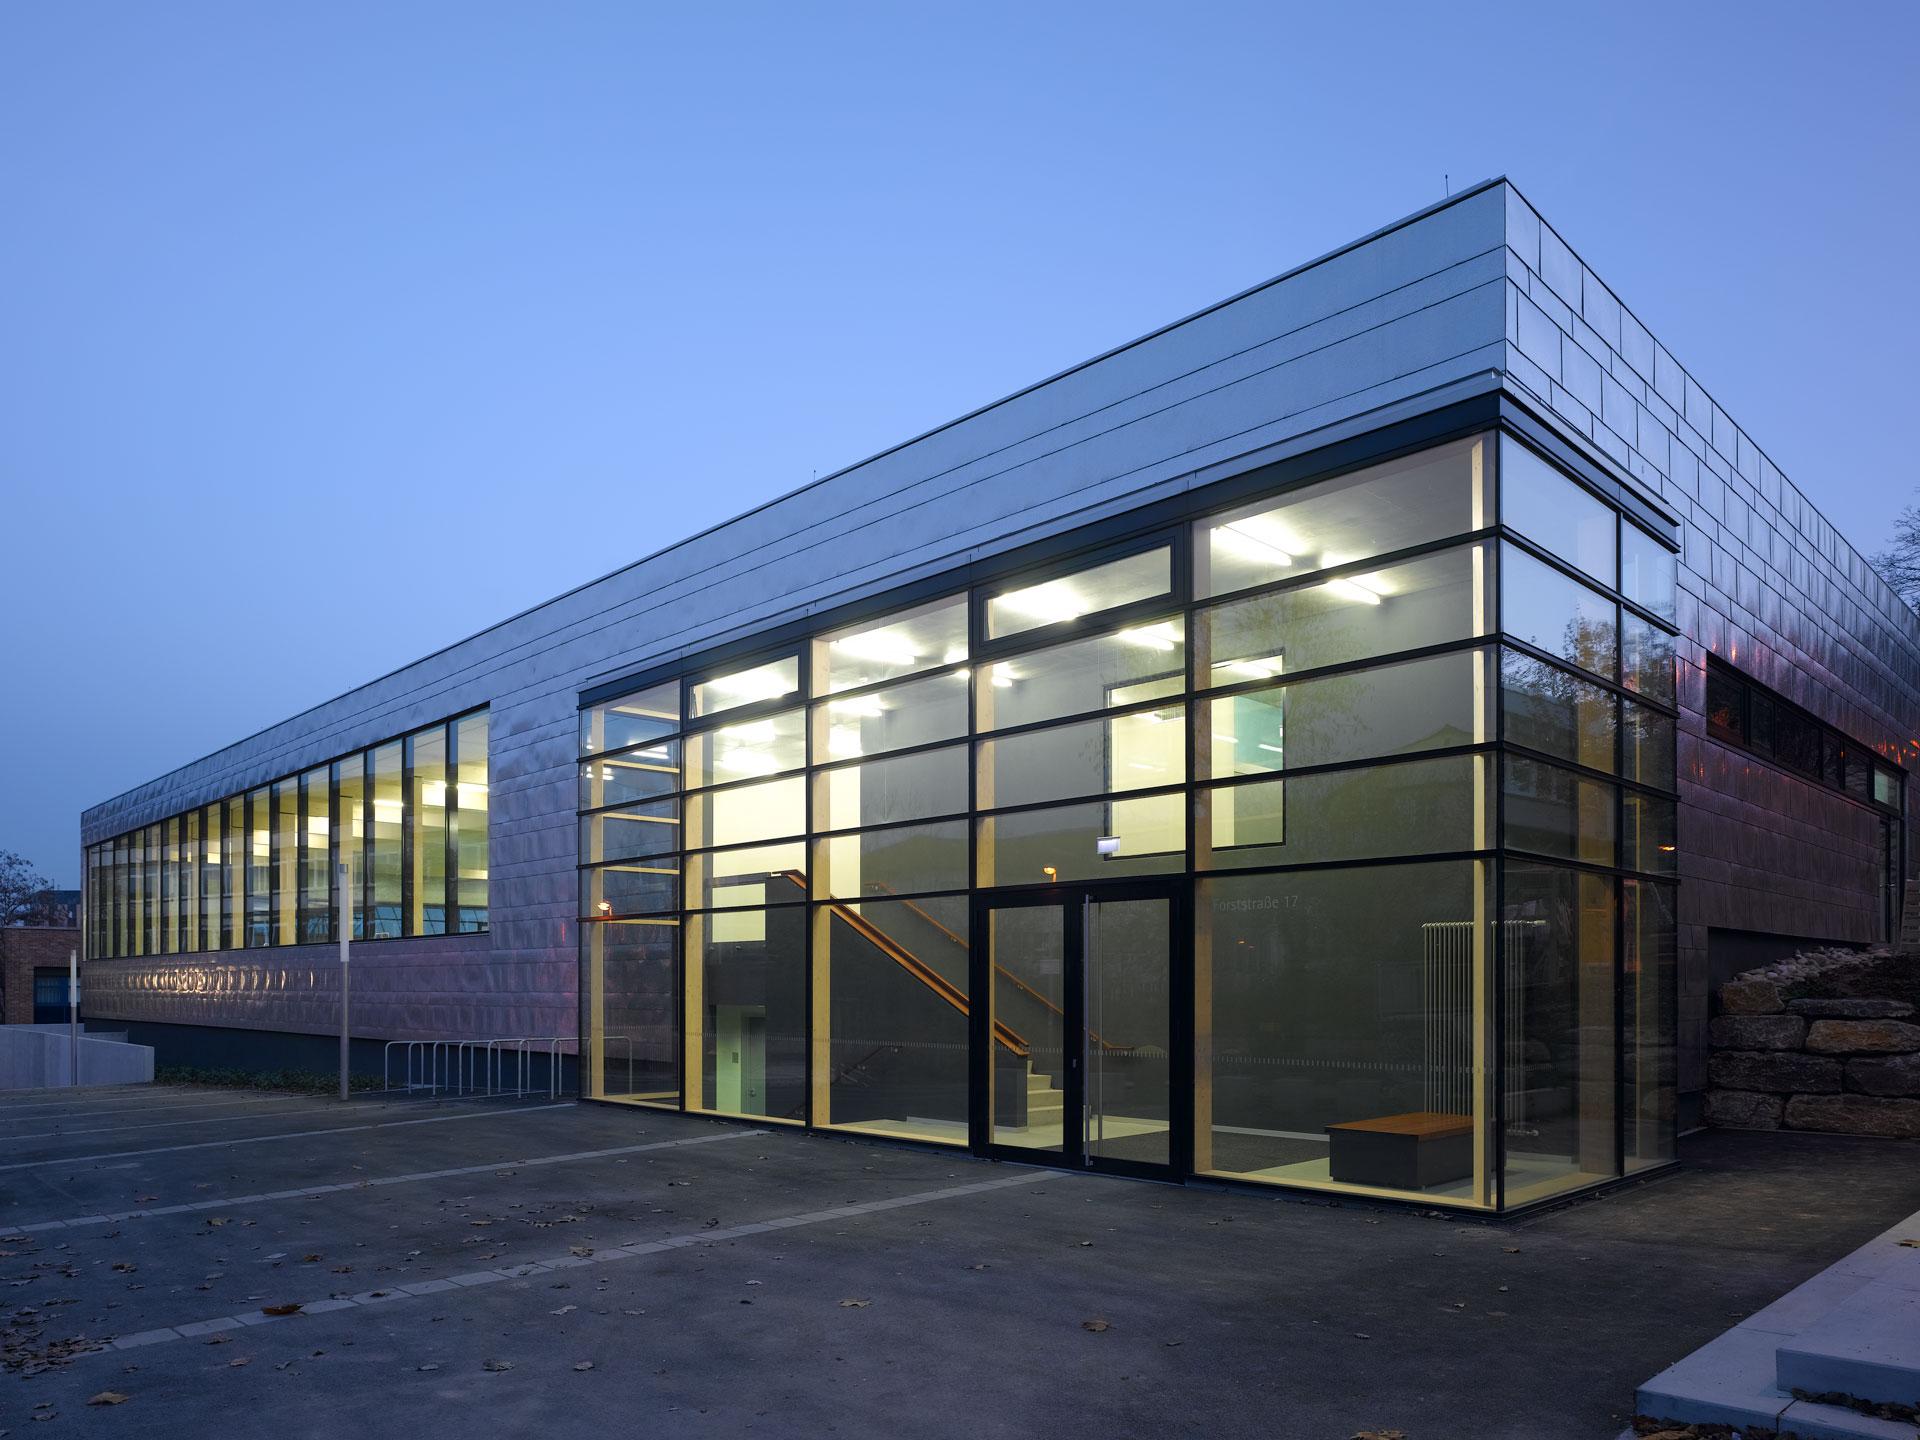 Architekt, Neubau Hallenbad, Eingangsbereich Außenanlage